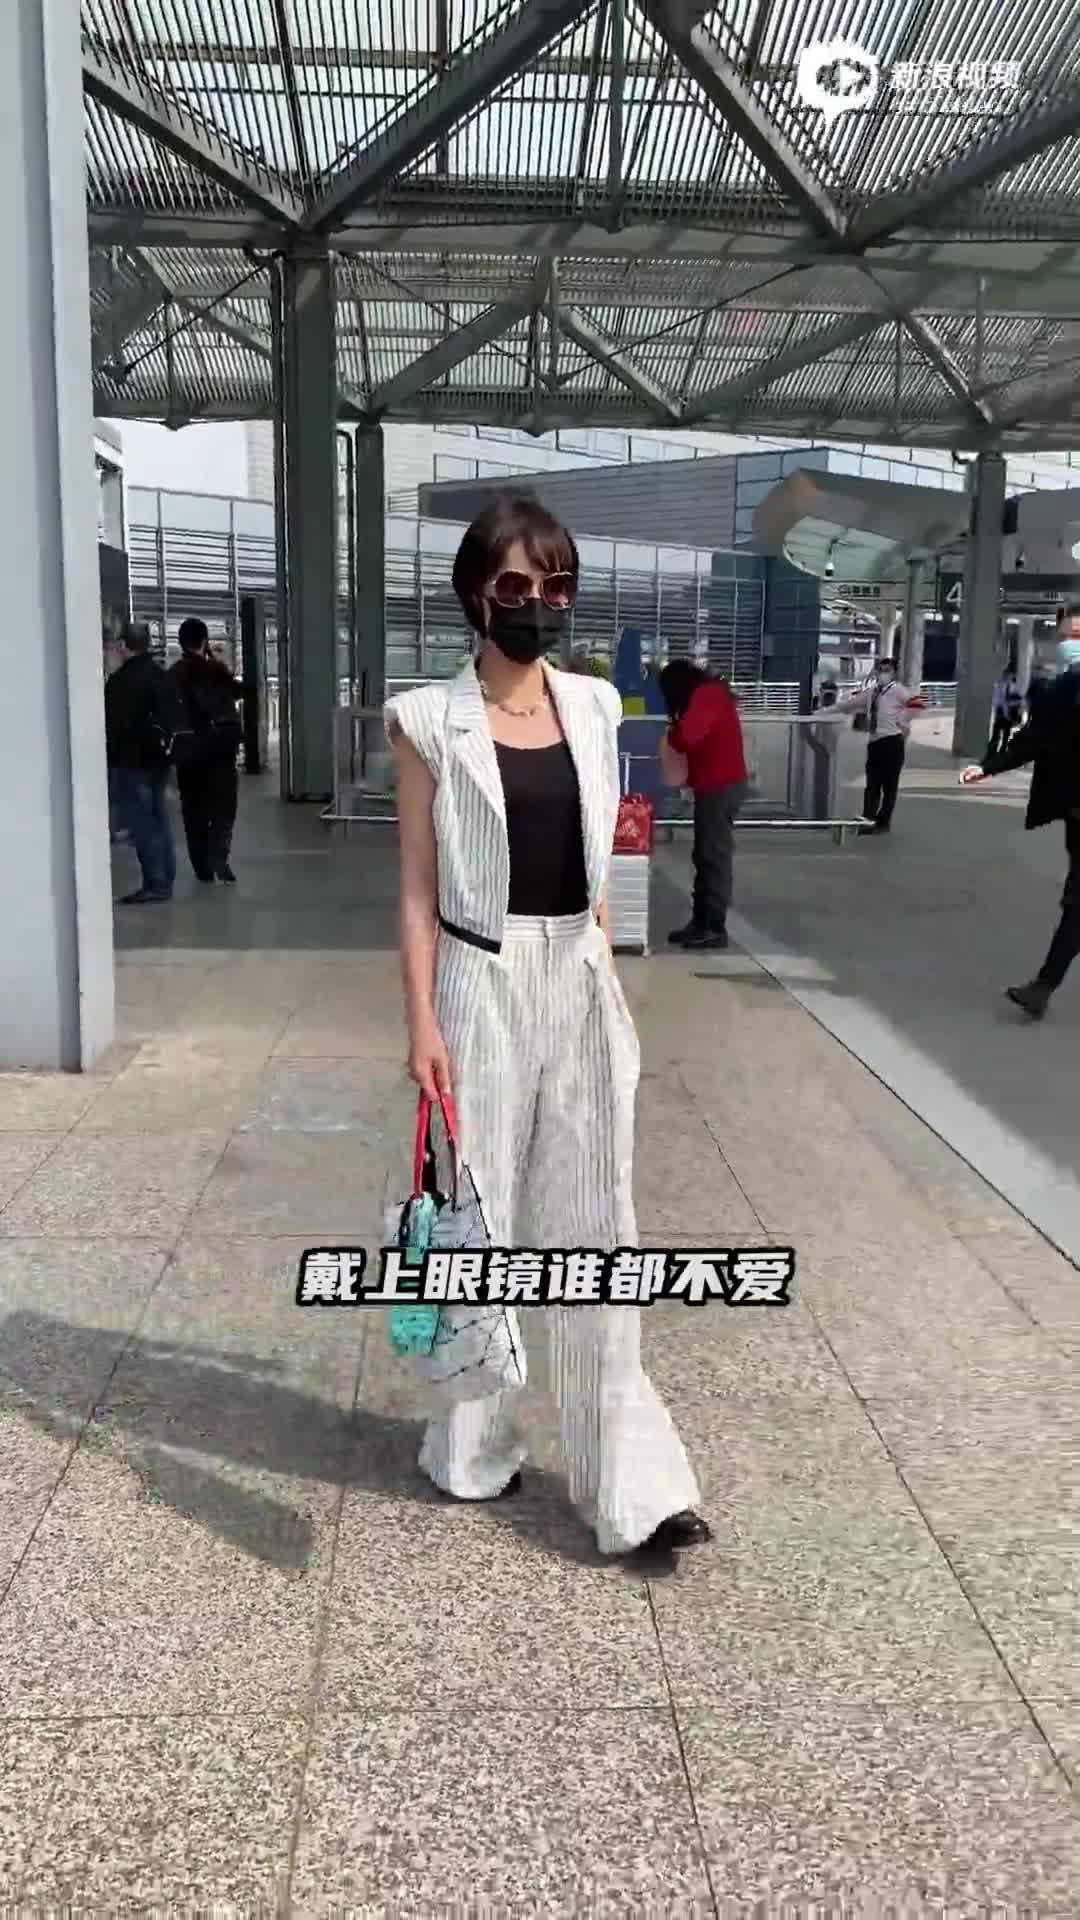 天津机场将新开3条航线方便暑运出行